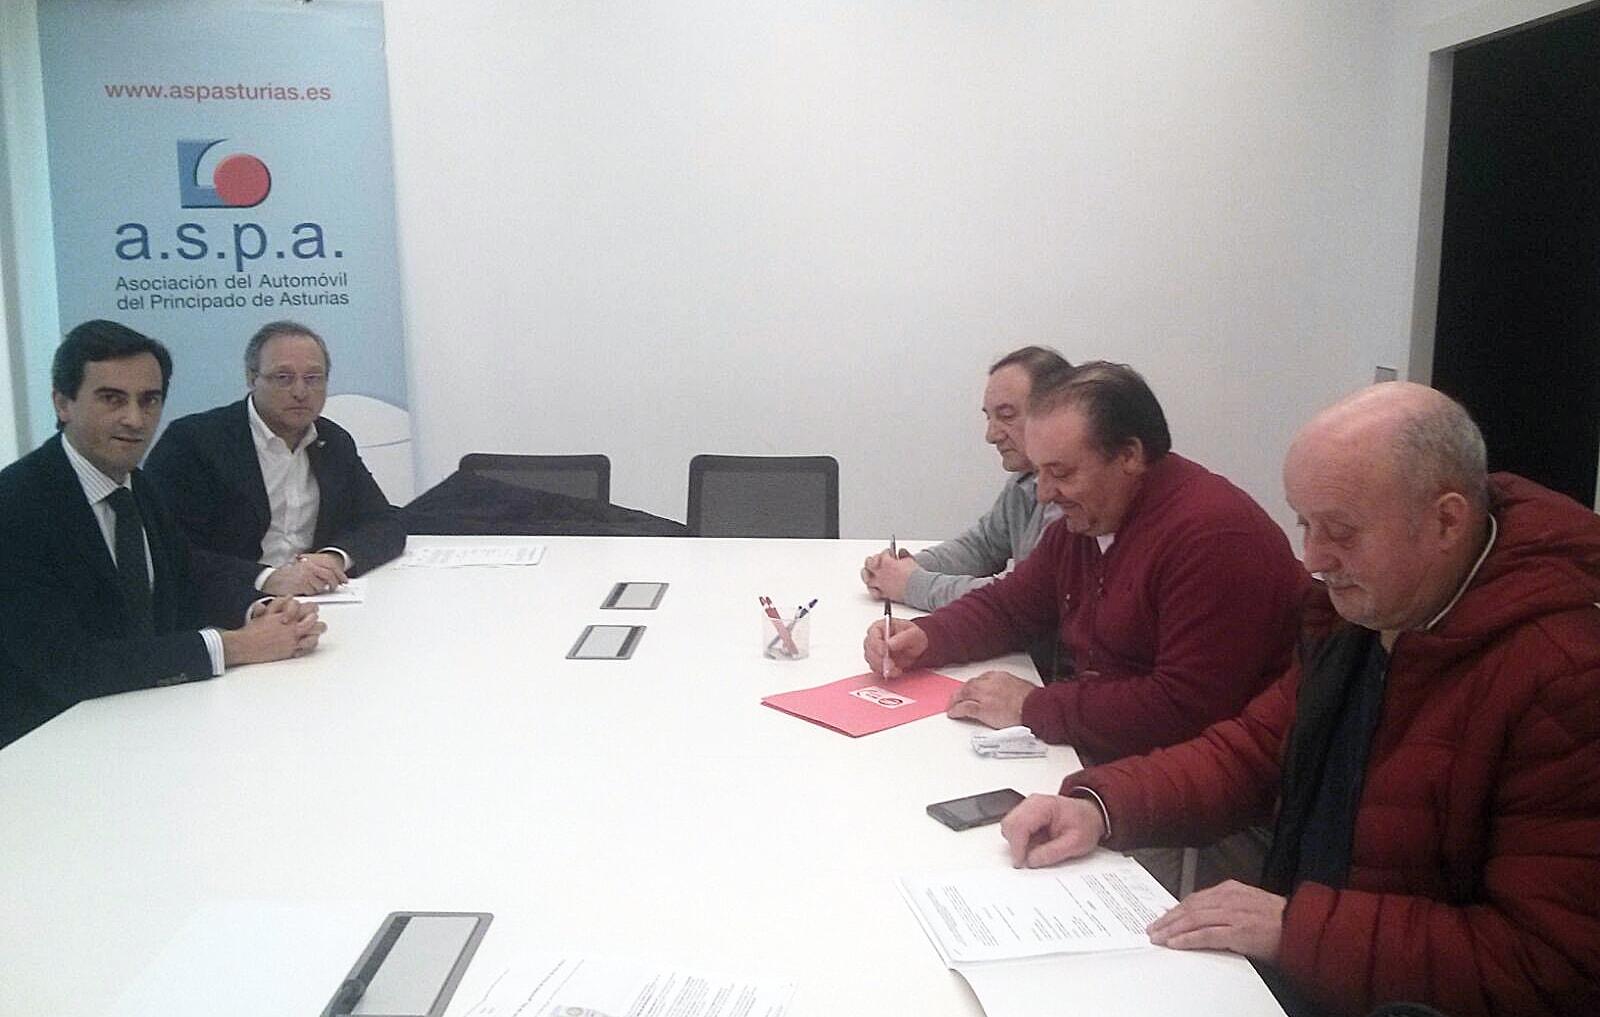 Revisión salarial para el convenio asturiano